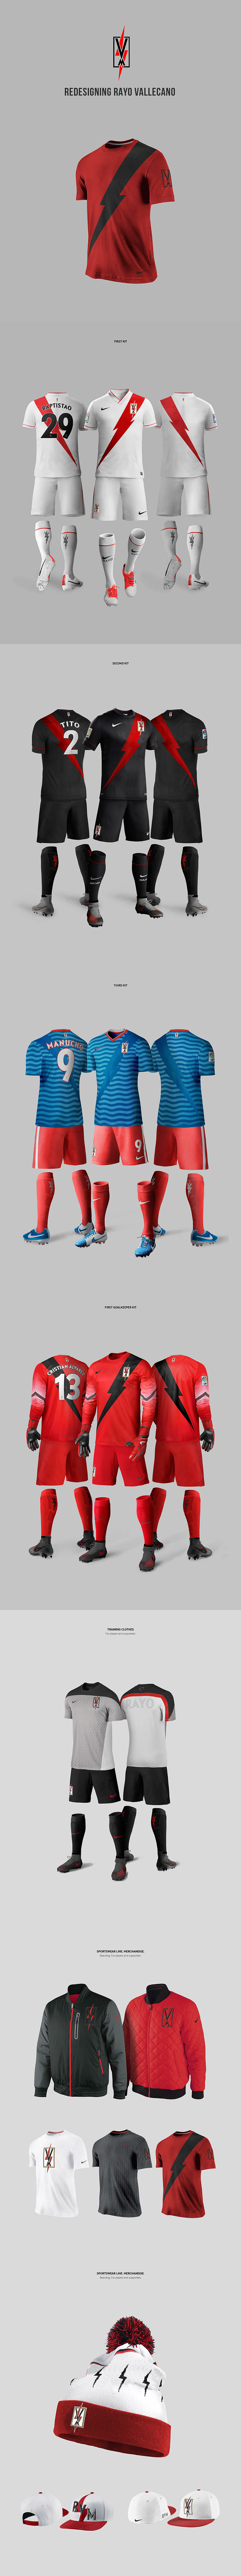 Diseños de la marca Football Club: Rayo Vallecano Rebranding por Nerea Palacios